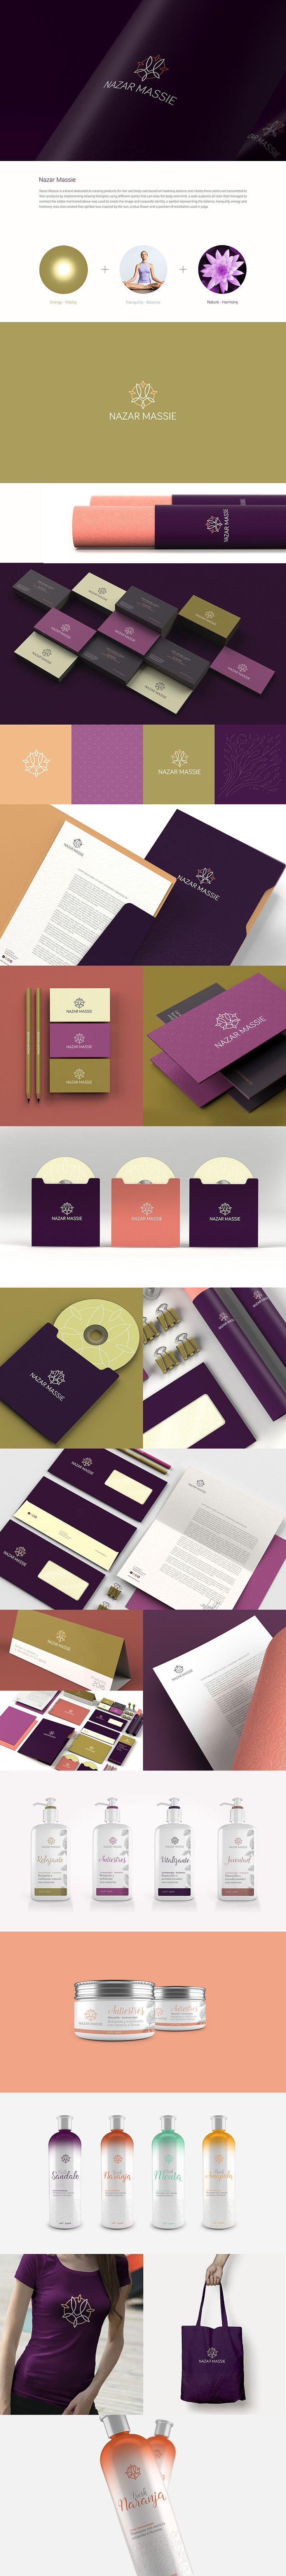 Branding. logo. identity, David Espinosa, Nazas Massie